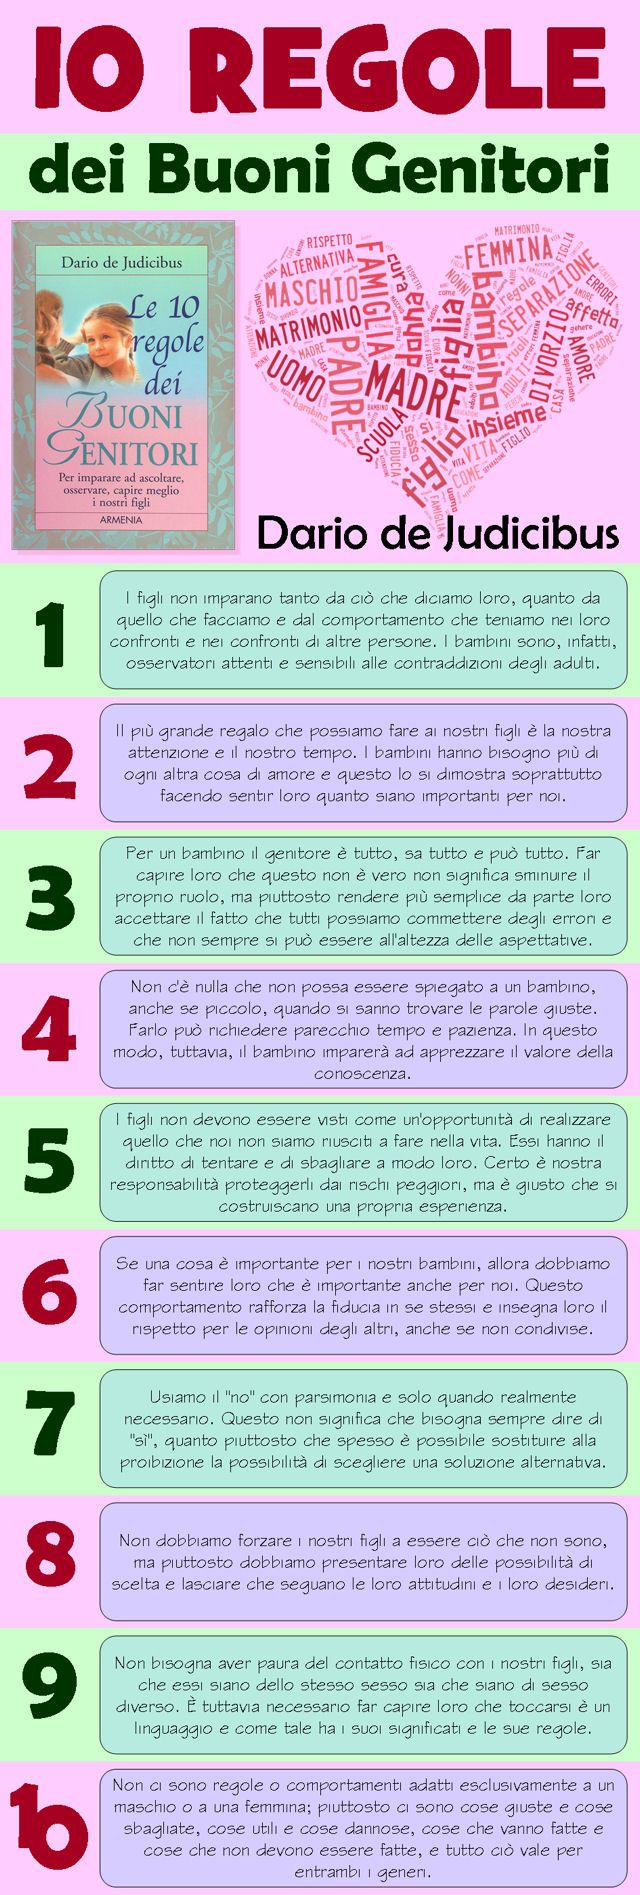 Le 10 Regole dei Buoni Genitori